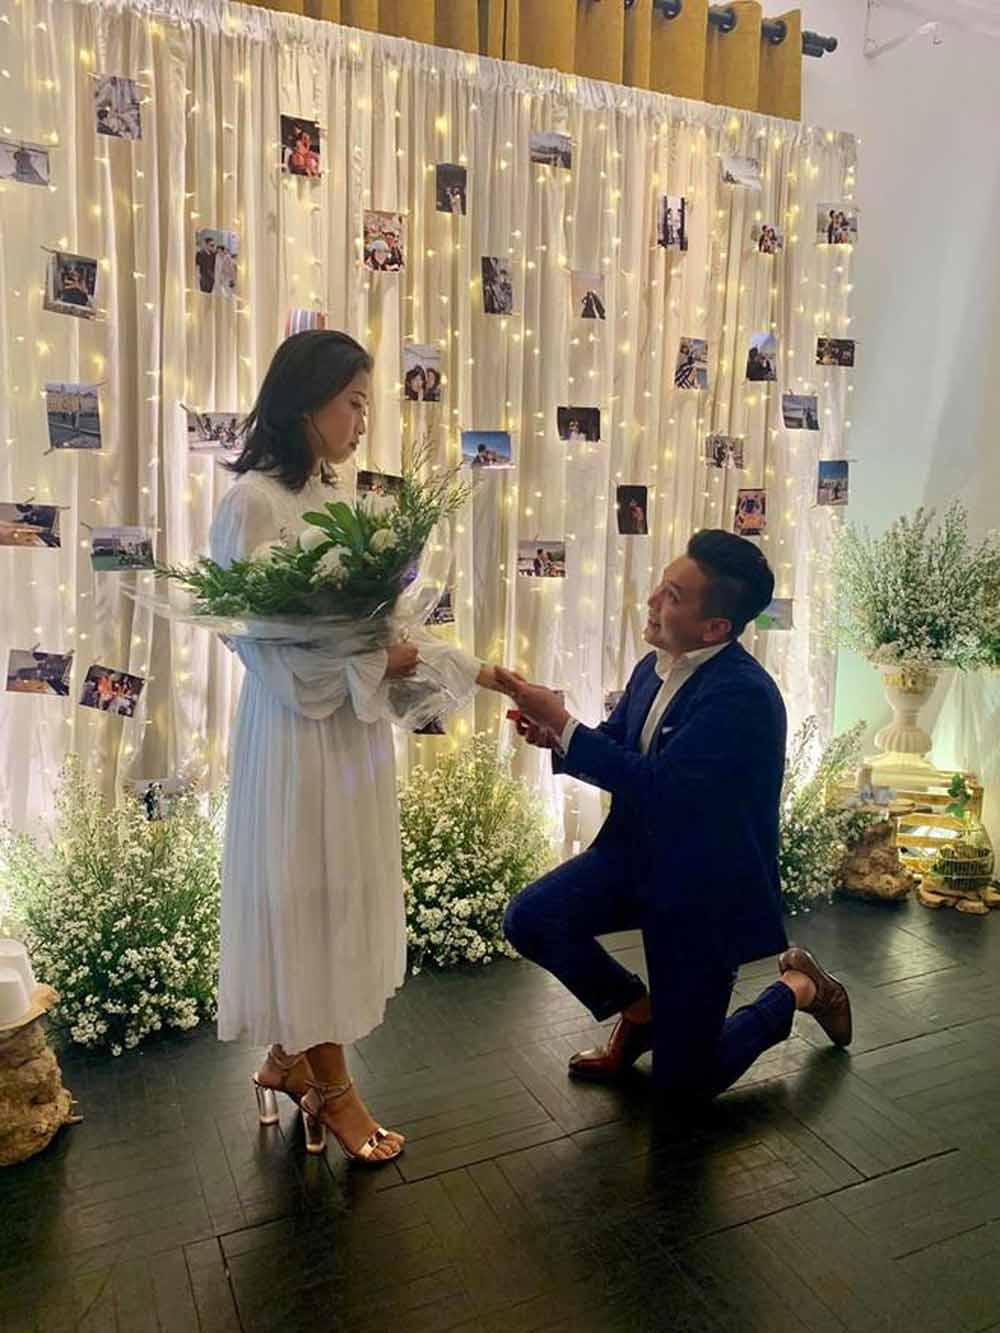 amp;#34;Đám cướiamp;#34; hi hữu nhất showbiz: Cô dâu MC và chú rể Việt kiều làm lễ cách nhau gần 10.000km - 1